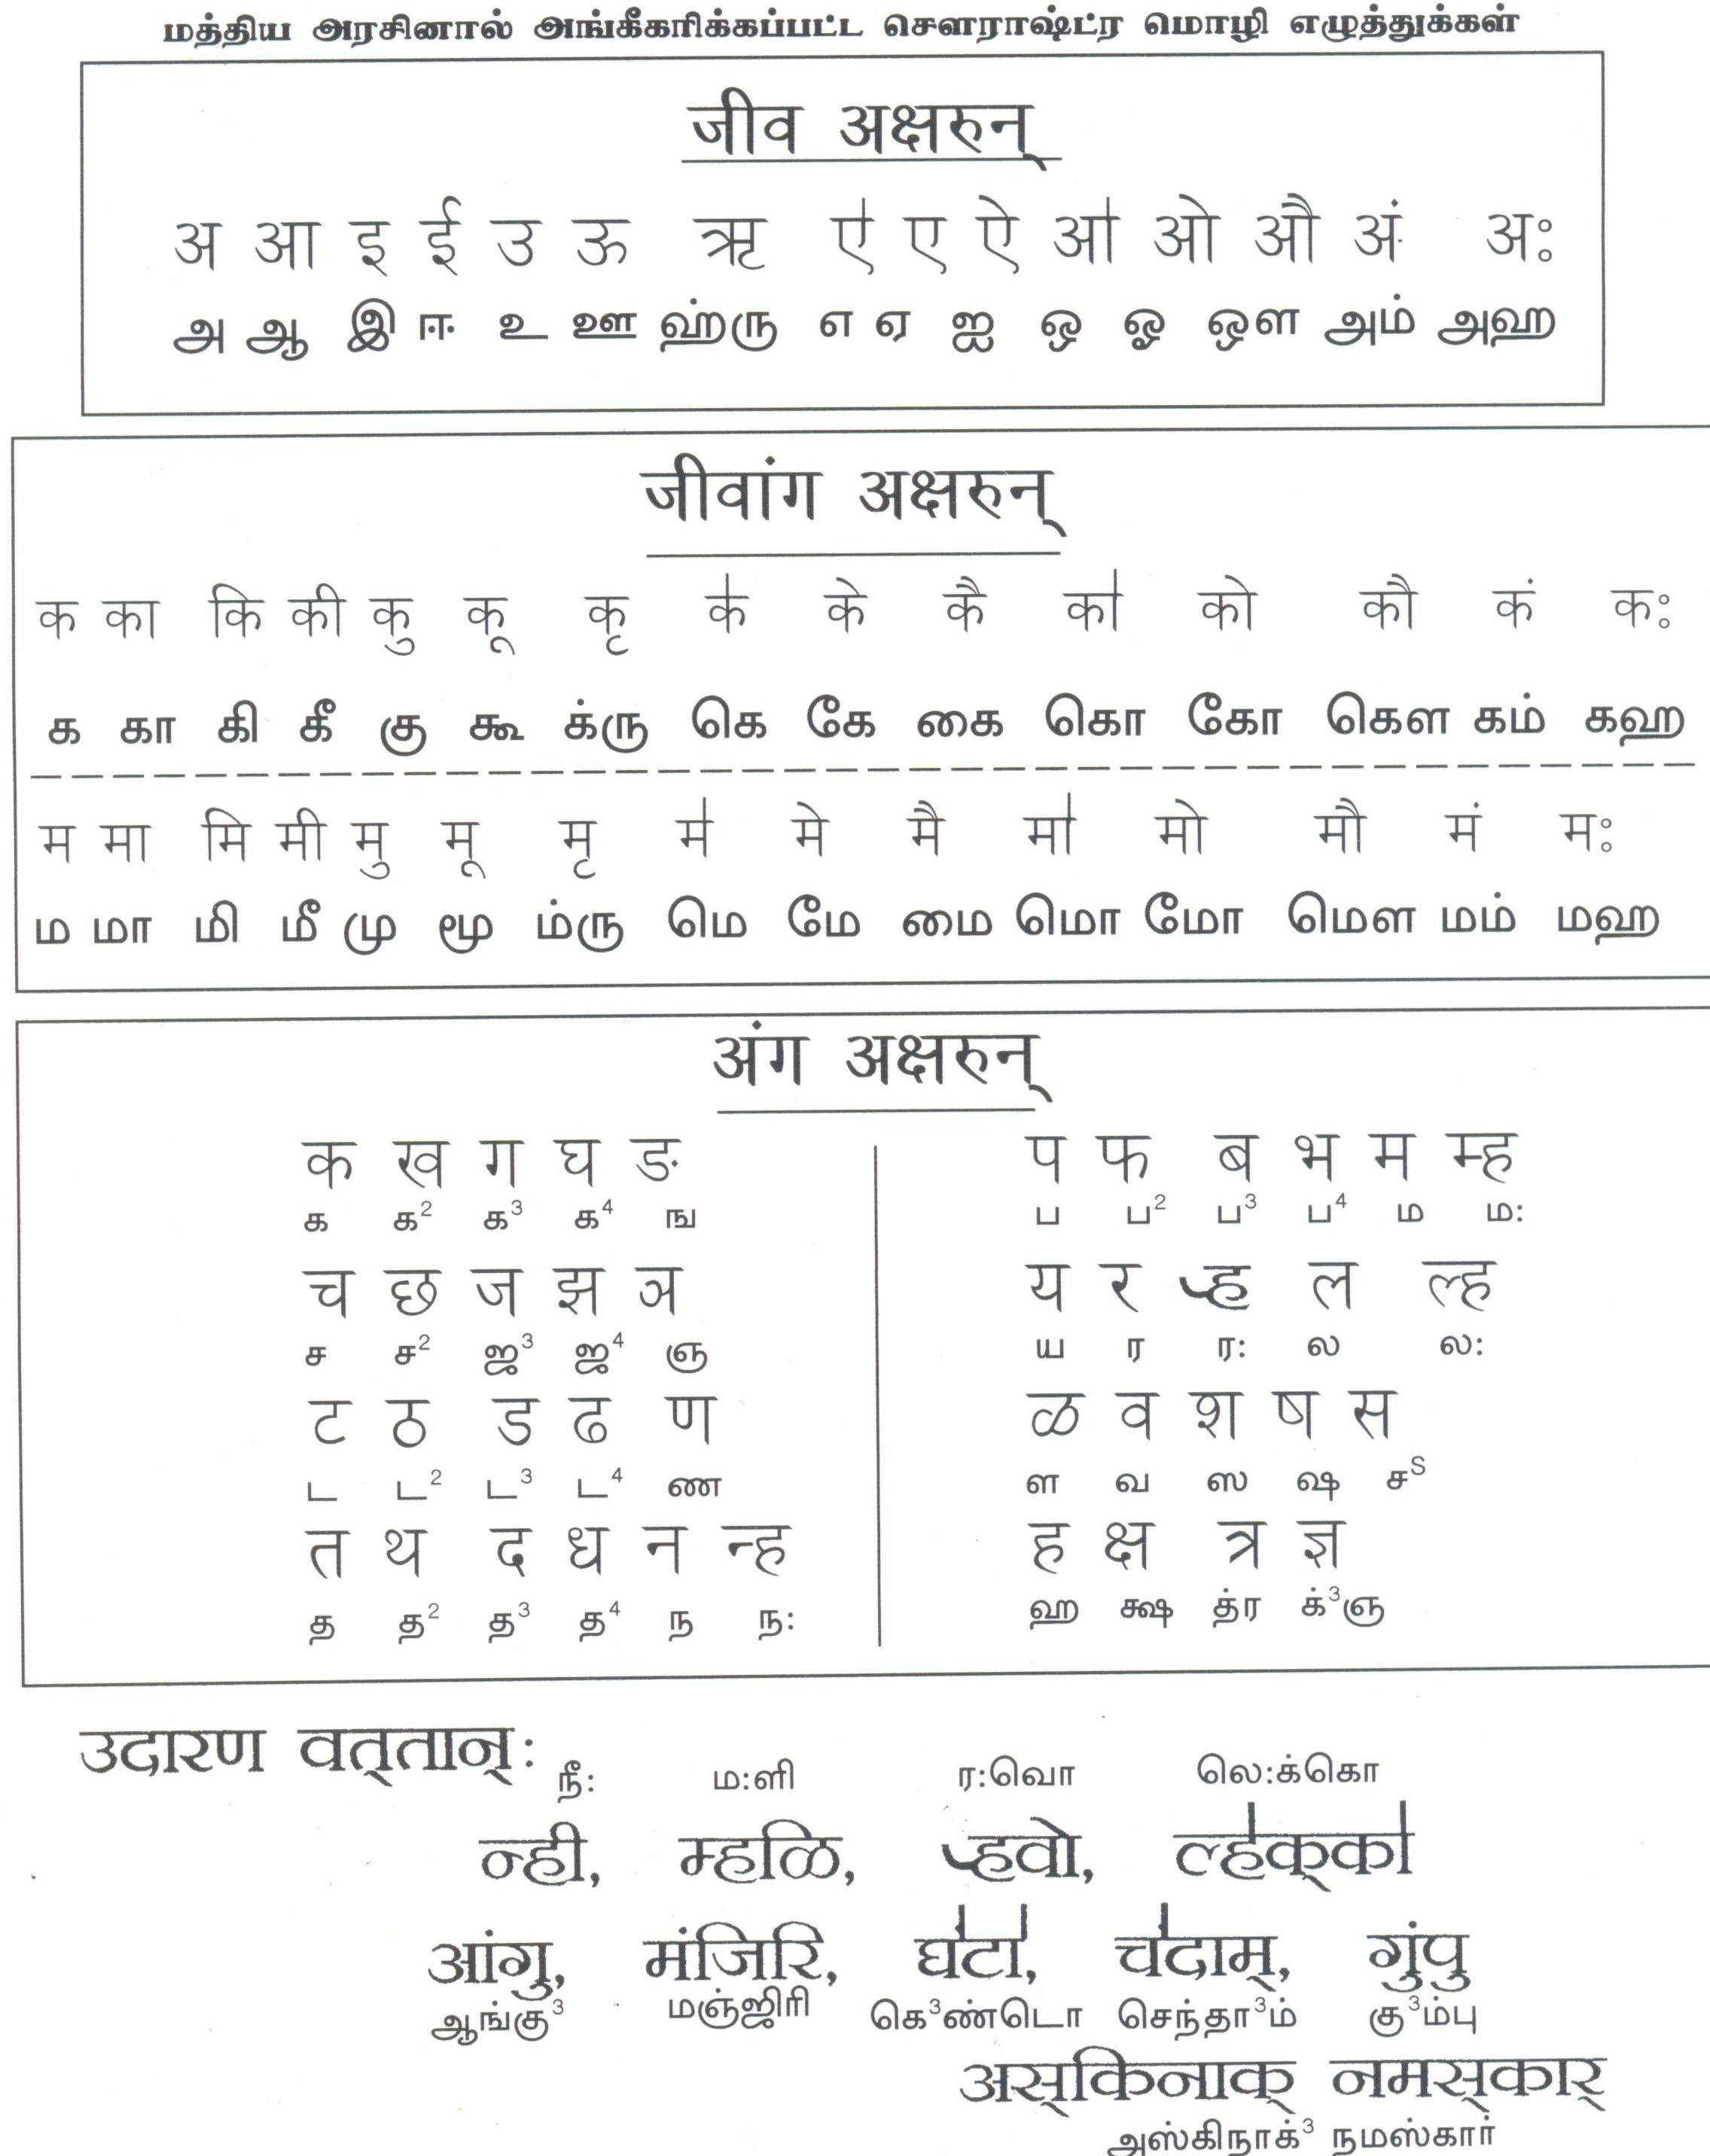 Alphabet Chart: Sourashtra-Devnagari-alphabet-chart.jpg - Wikimedia Commons,Chart